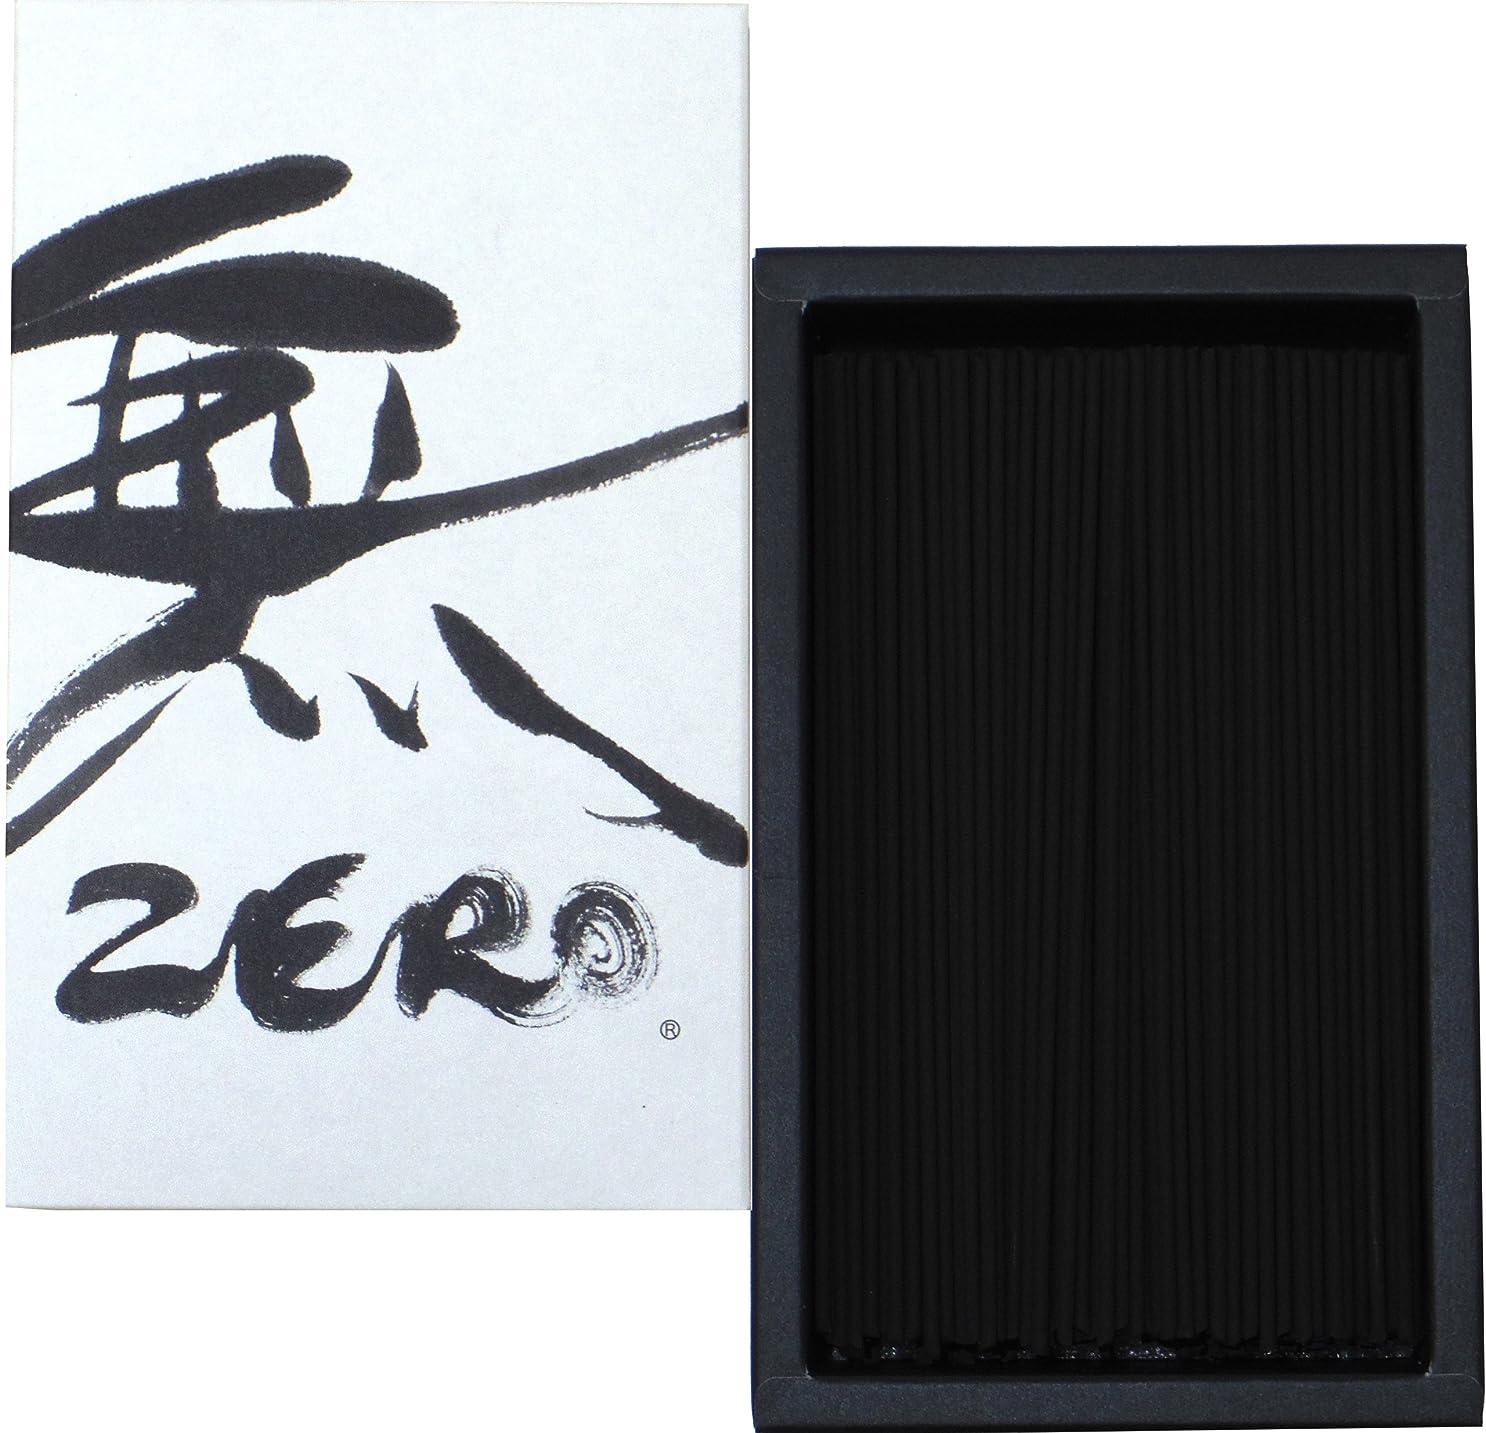 百ナビゲーションテレックス丸叶むらたのお線香 無 ZERO(ゼロ)大バラ 約160g #ZR-01